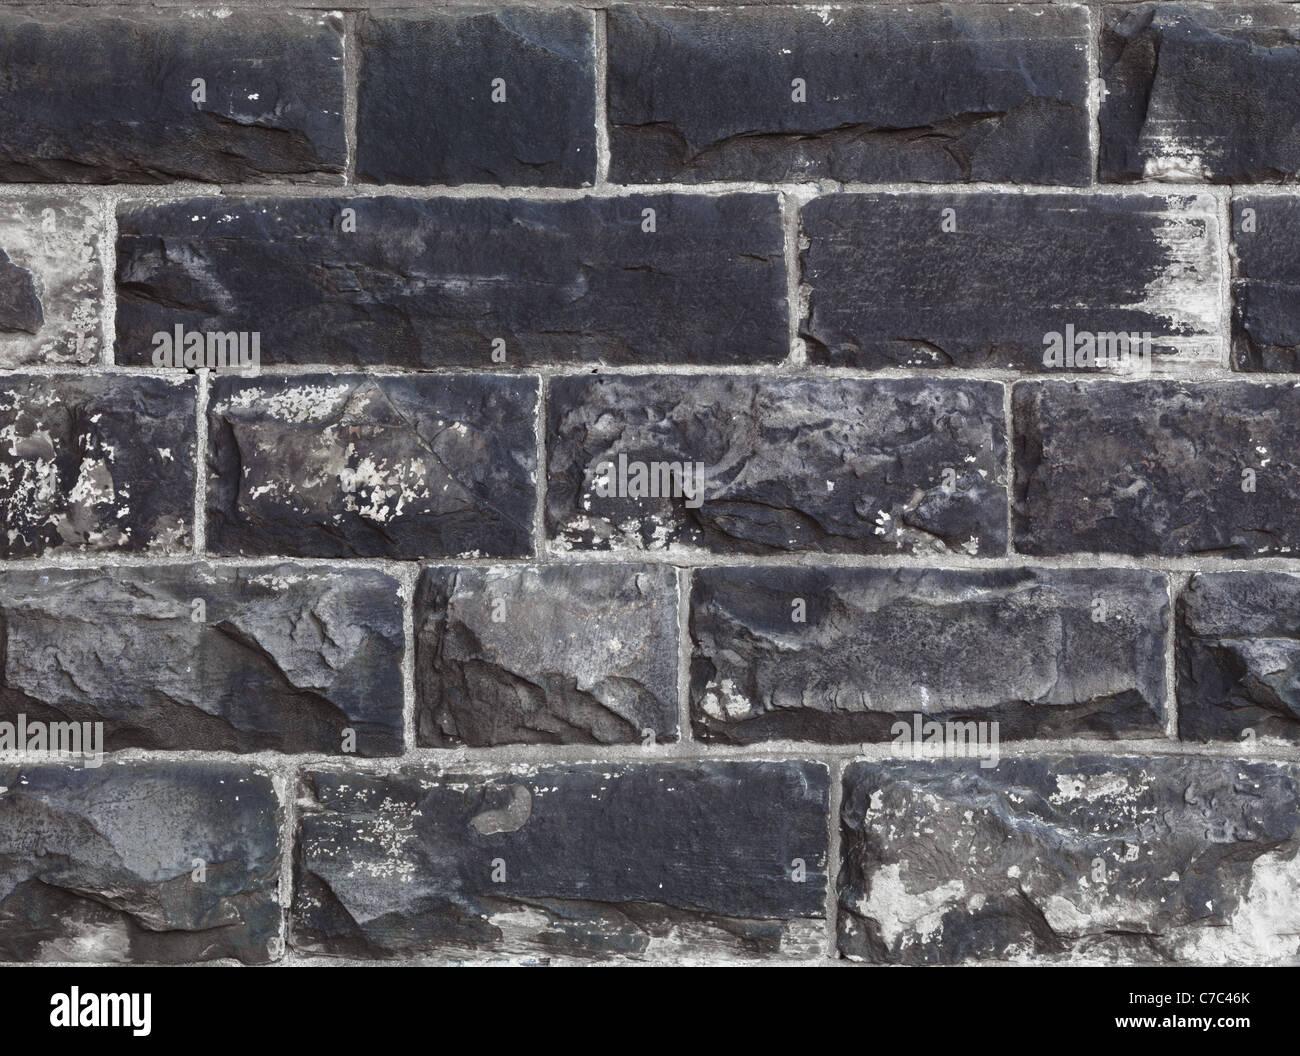 Arquitectura de estilo gótico antiguo muro de piedra de textura del fondo. Alta calidad fotográfica de Imagen De Stock